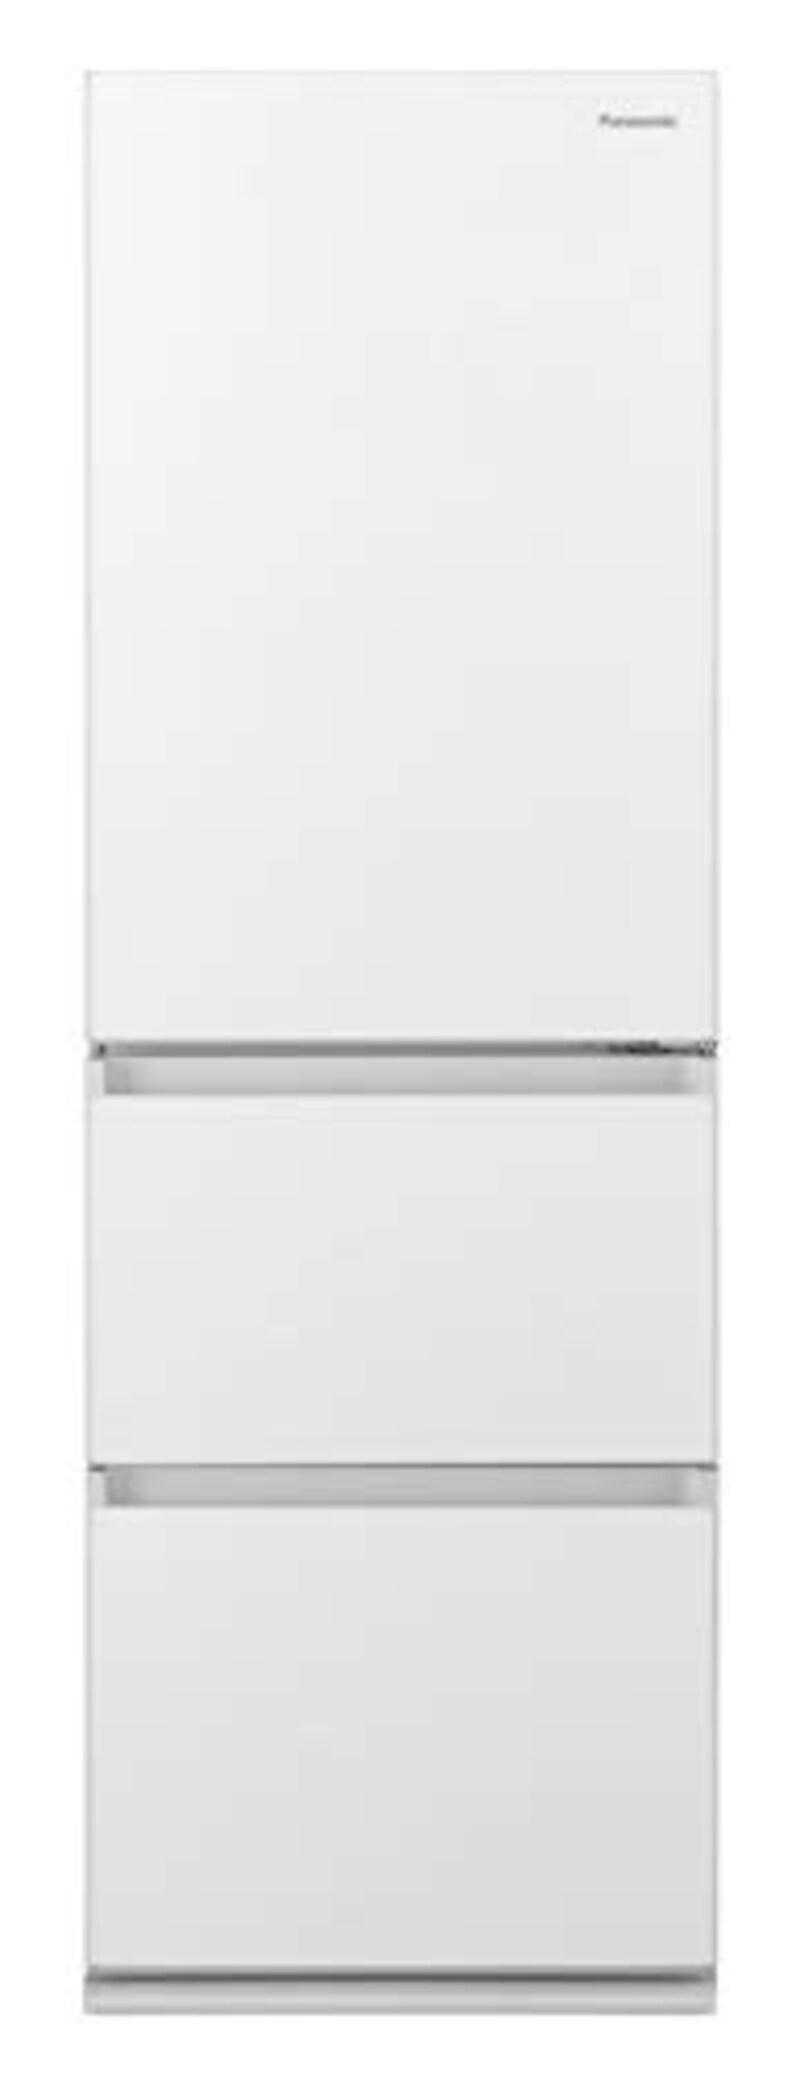 Panasonic(パナソニック),3ドア冷蔵庫  スノーホワイト ,NR-C372GN-W